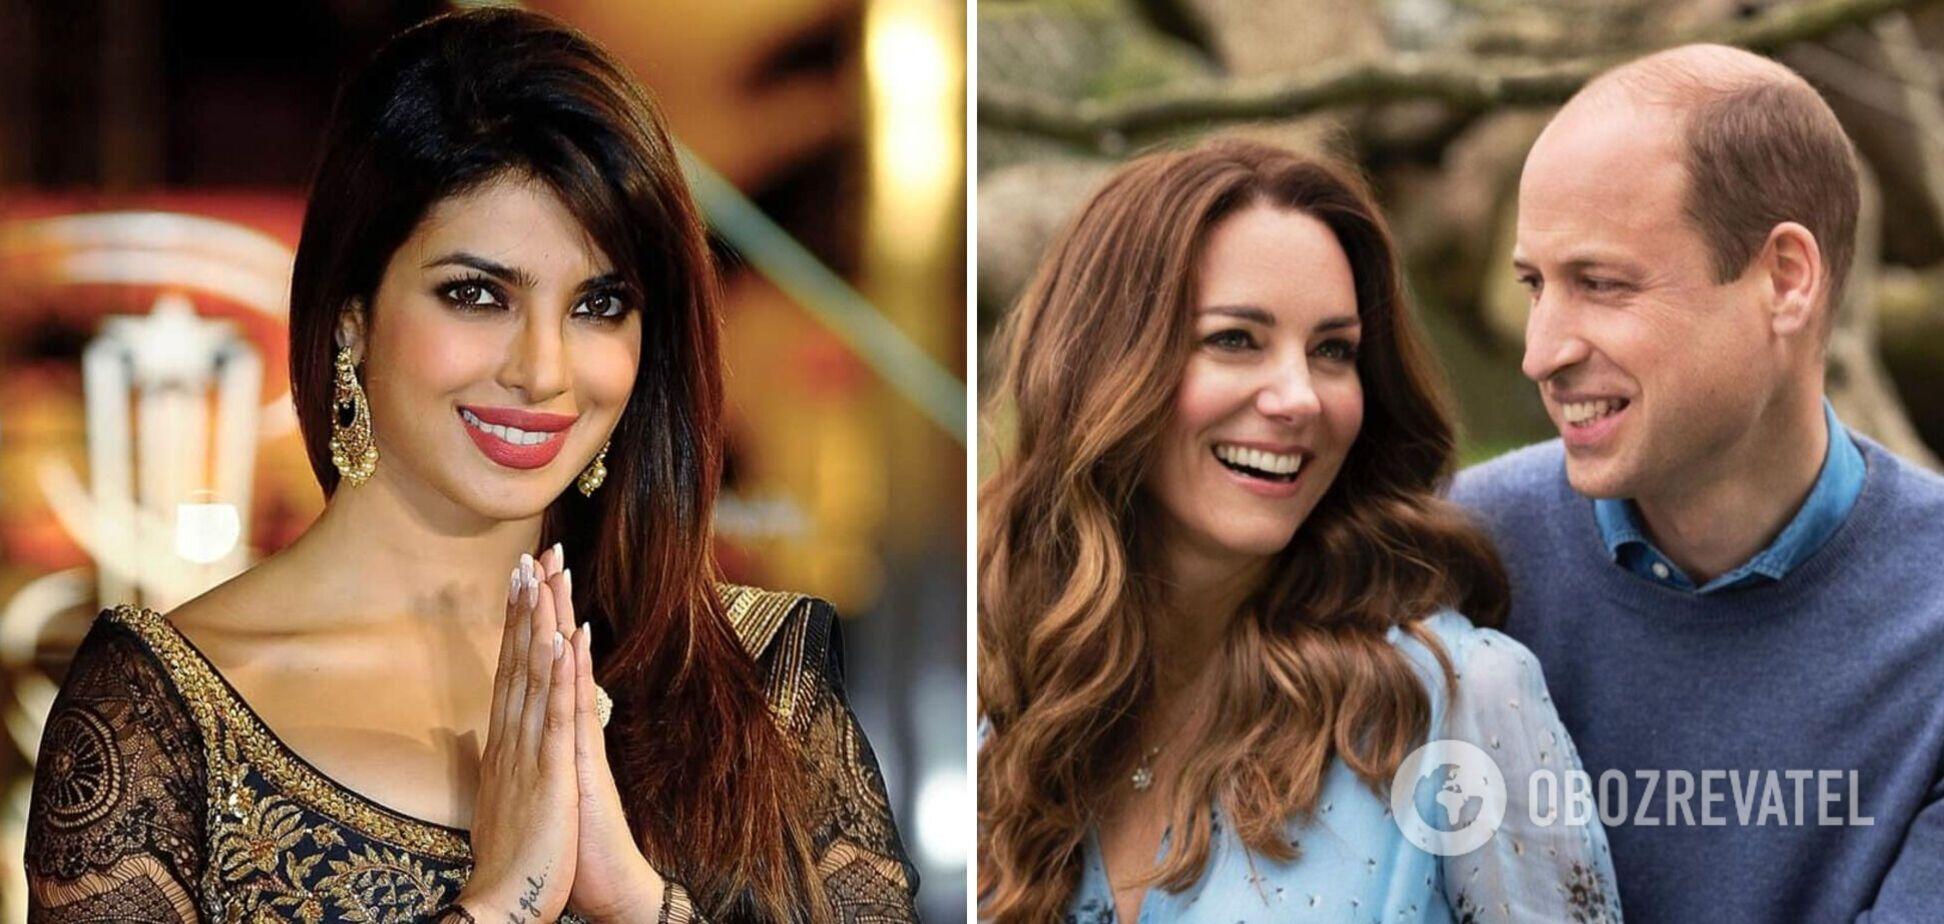 Подруга Меган Маркл при встрече 'проигнорировала' принца Уильяма и Кейт Миддлтон. Видео